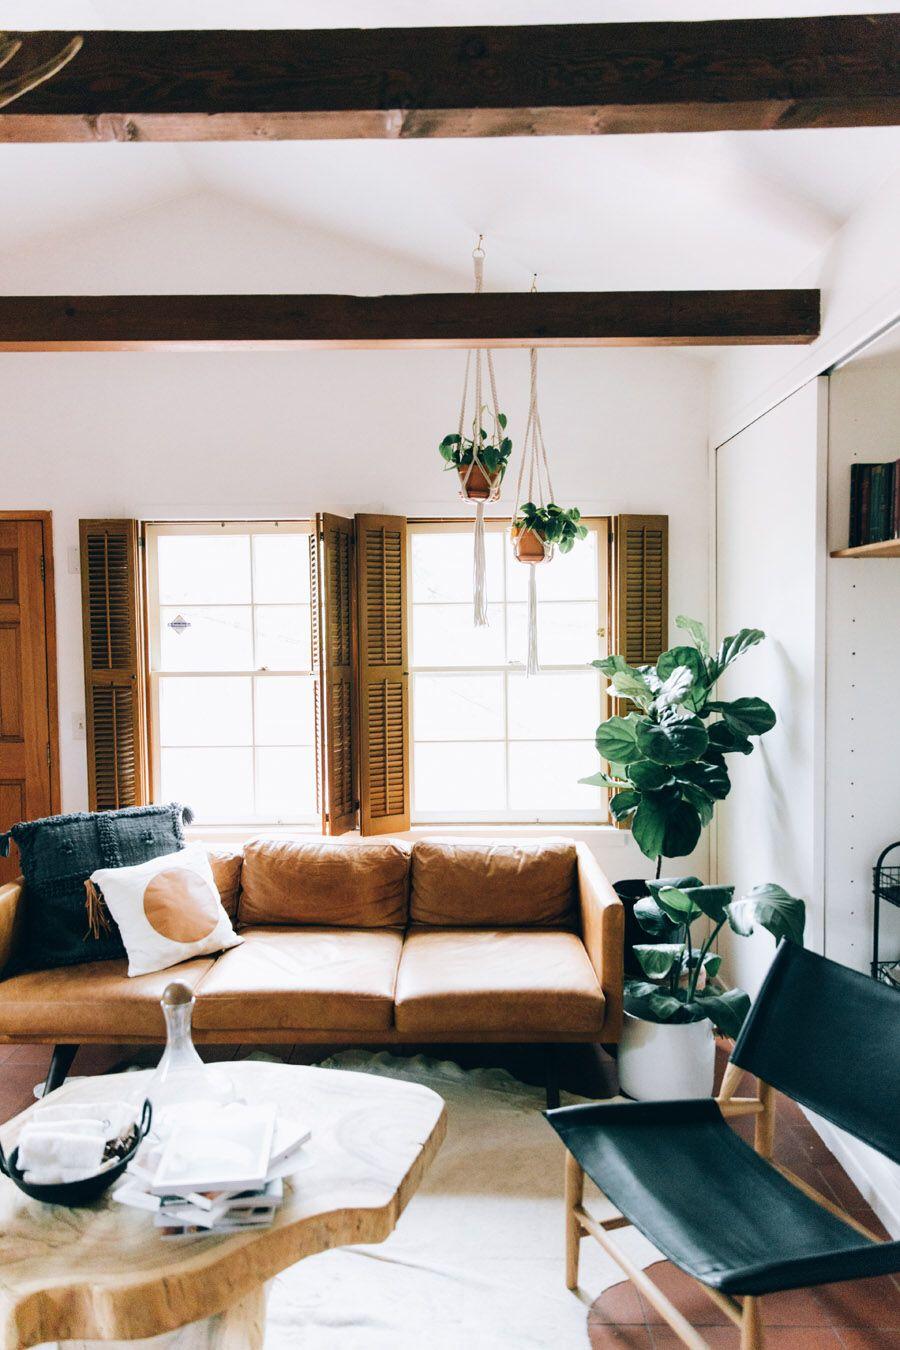 Pinterest Ahollis15 Deco Maison Deco Interieur Design Deco